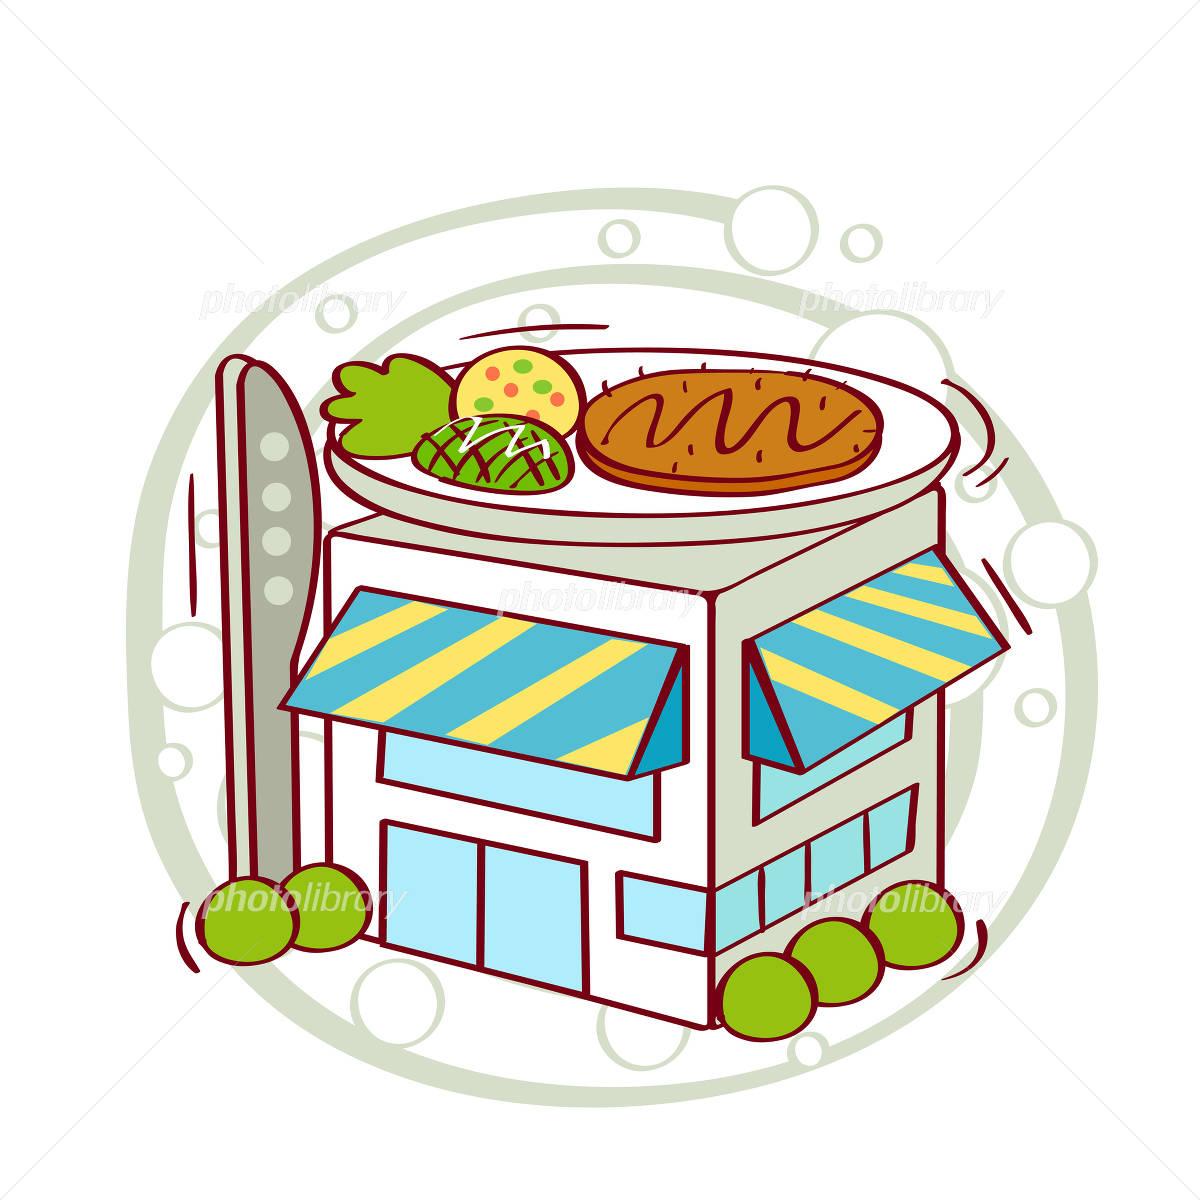 レストラン イラスト イラスト素材 2433294 フォトライブラリー